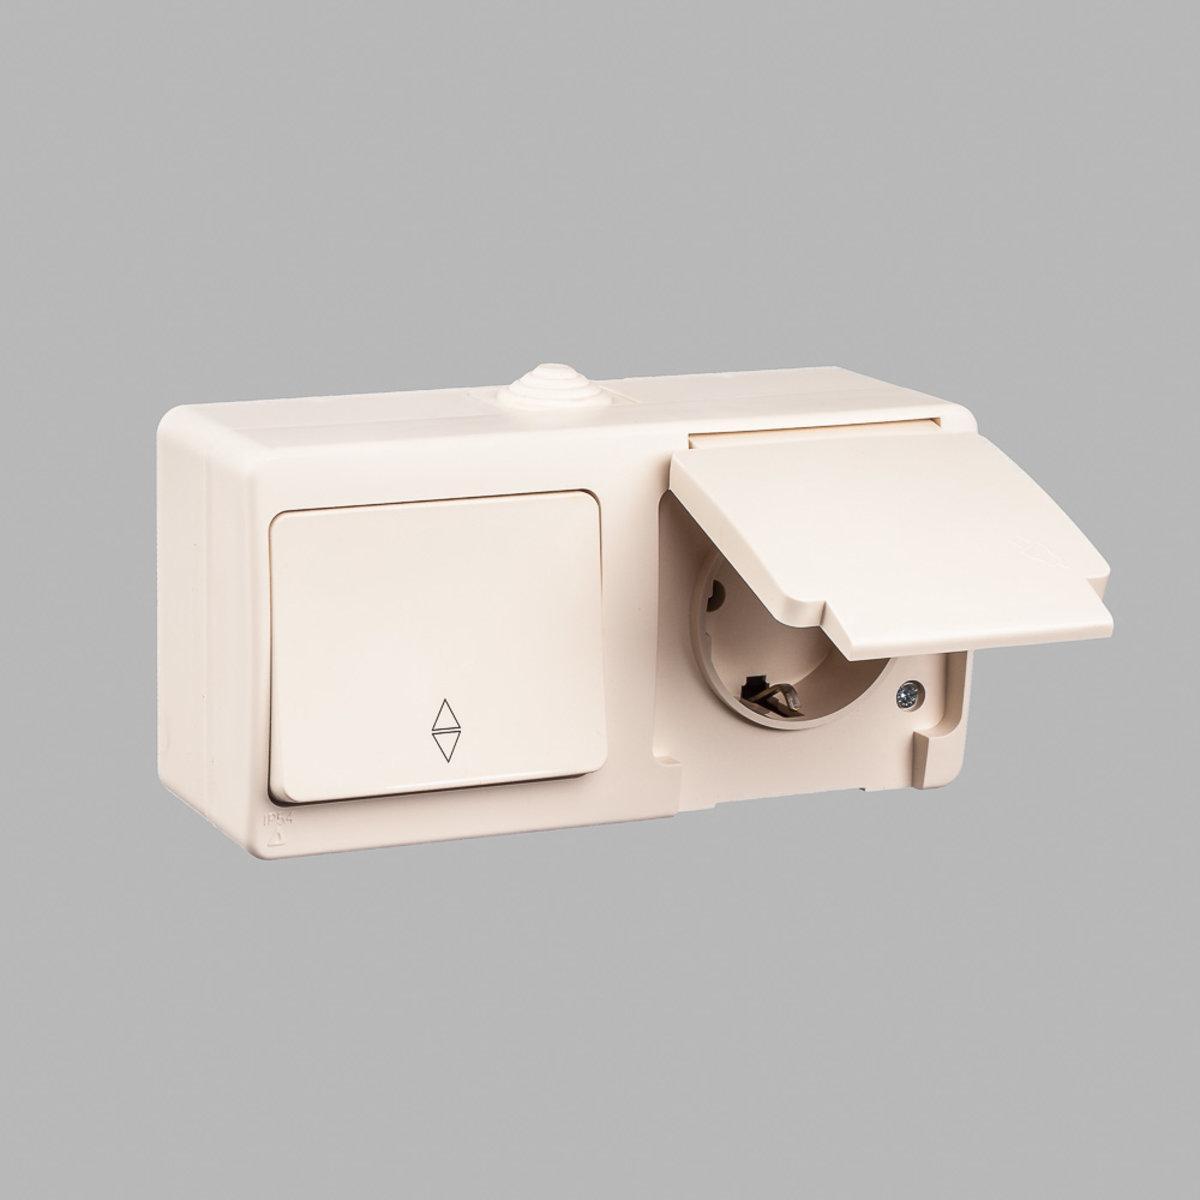 Nemli блок выключатель проходной 1-ый с подсветкой + розетка с заземлением влагозащищенный серый